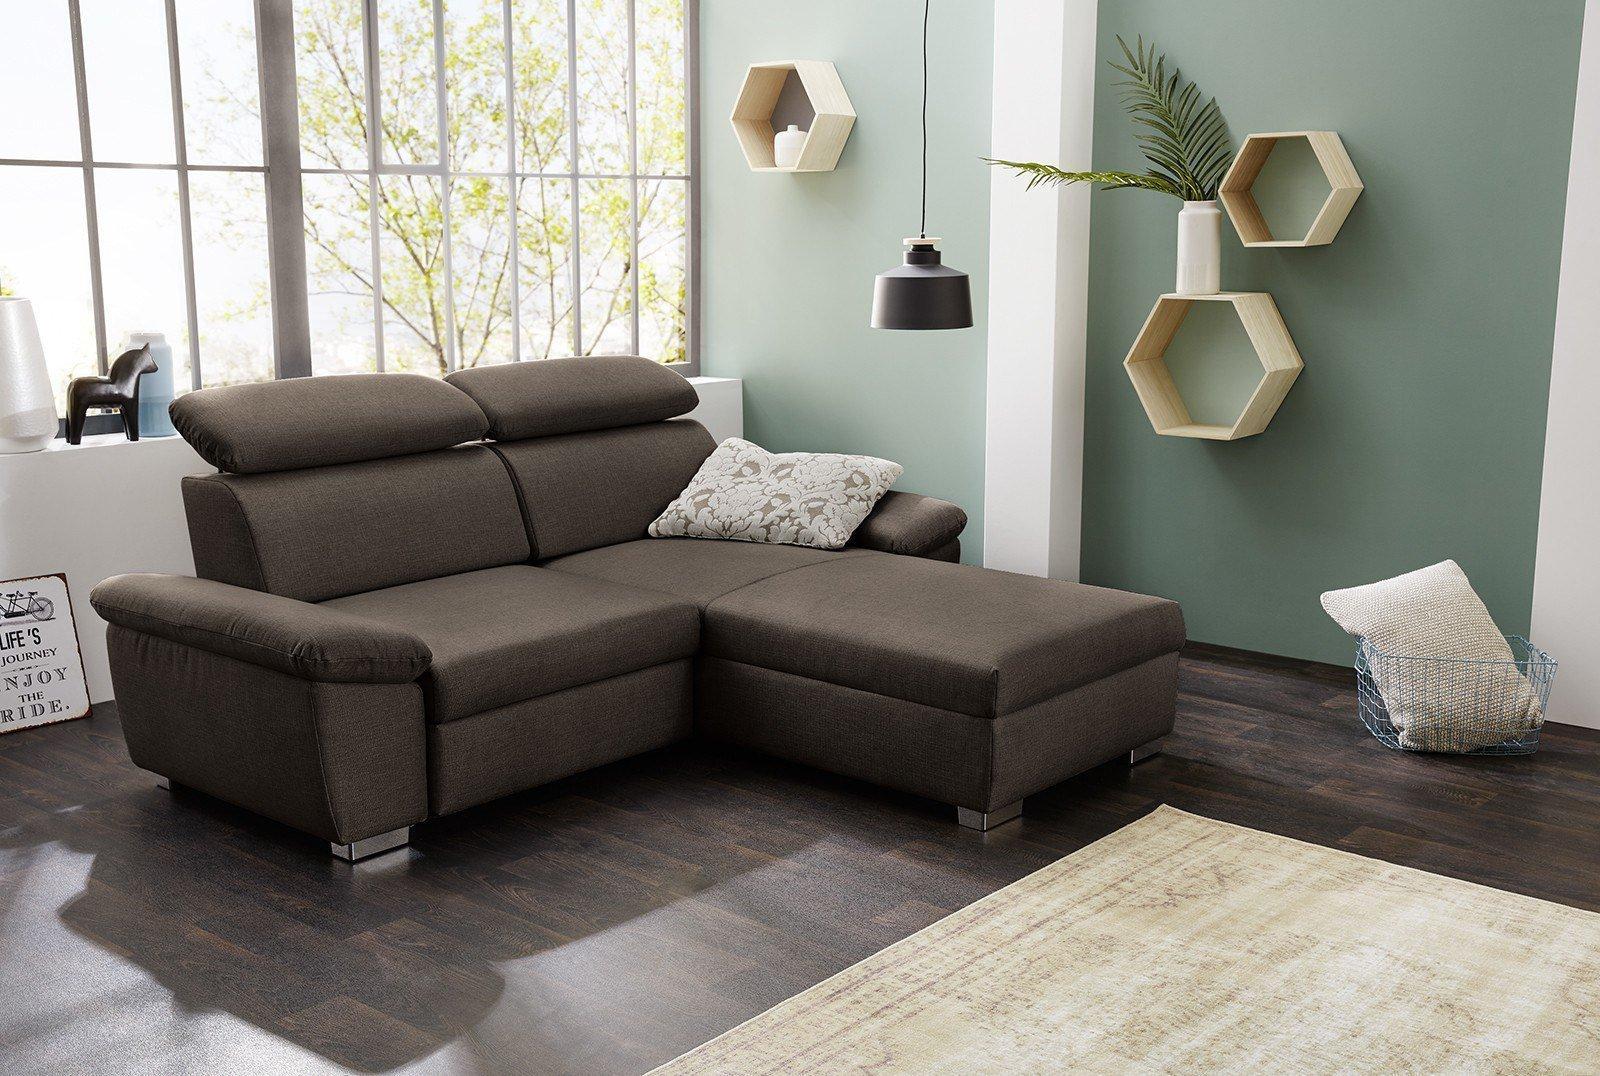 kamen von jockenh fer eckcouch braun m bel letz ihr online shop. Black Bedroom Furniture Sets. Home Design Ideas